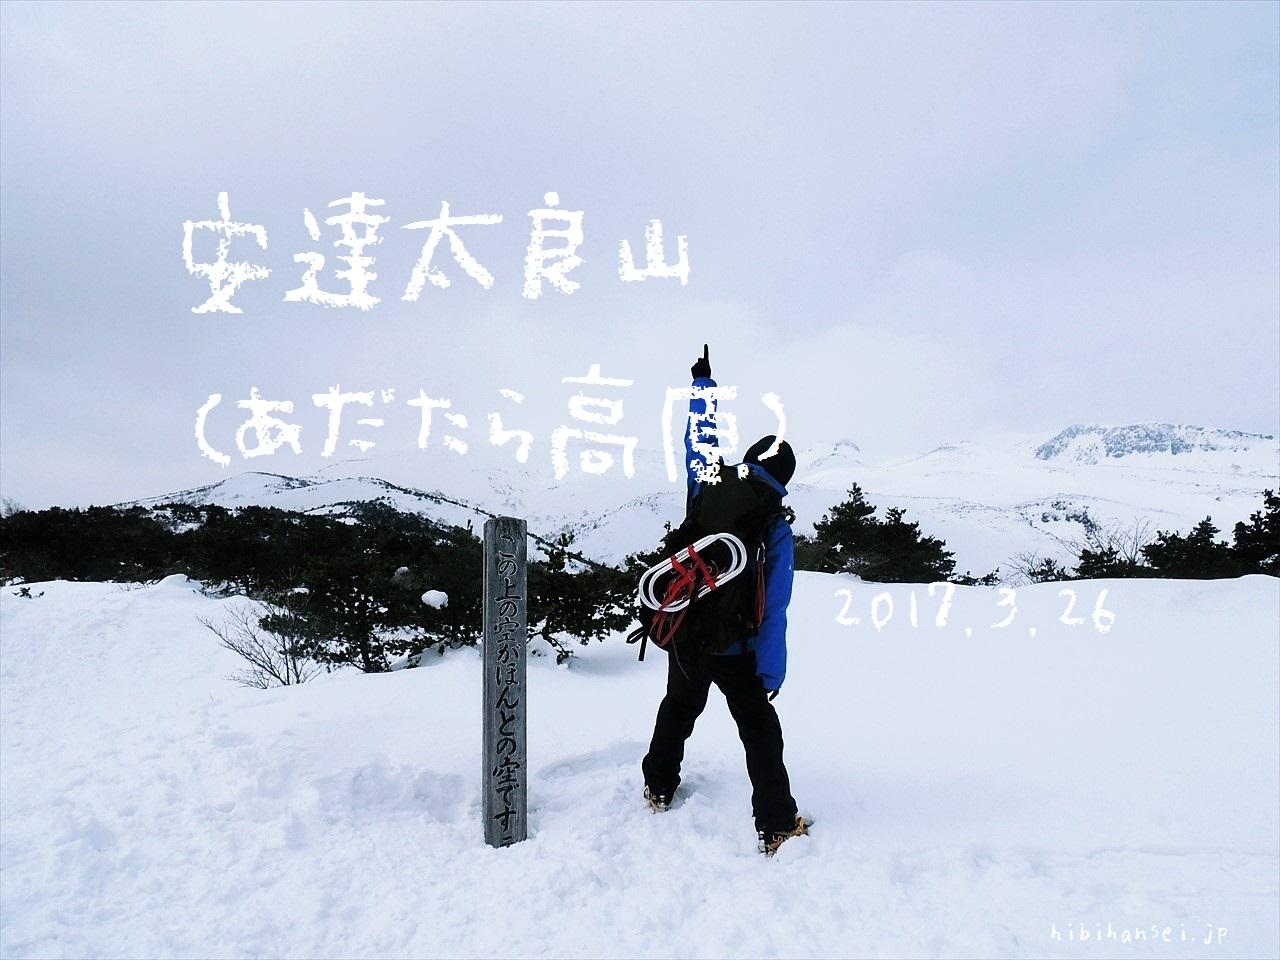 安達太良山 雪山登山(あだたら高原スキー場) 曇り空と落し物とほんとの空に再訪を誓う旅(2017.3.26)